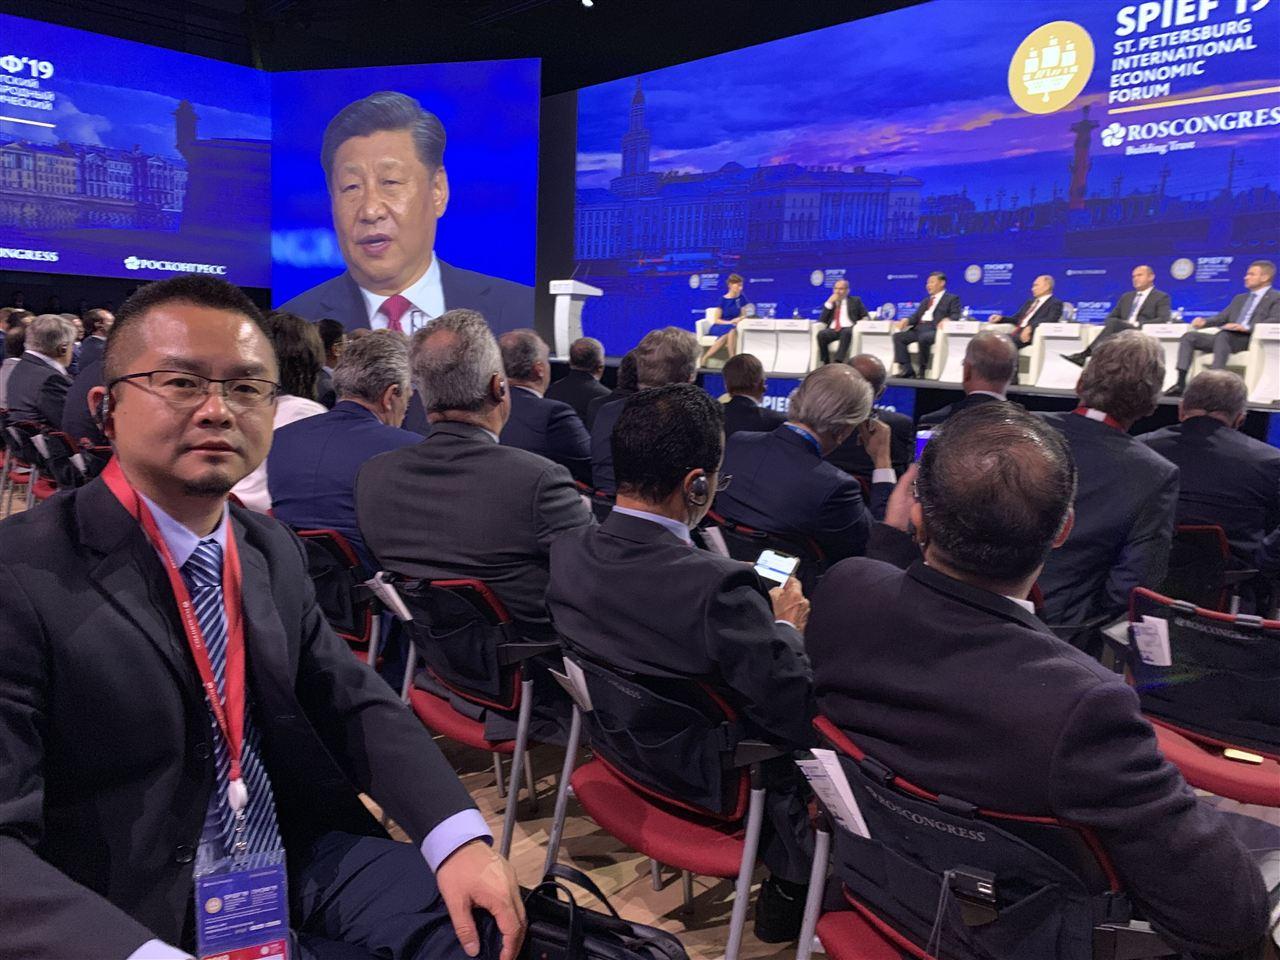 上海钜晶总经理张上荣出席第23届圣彼得堡国际经济论坛